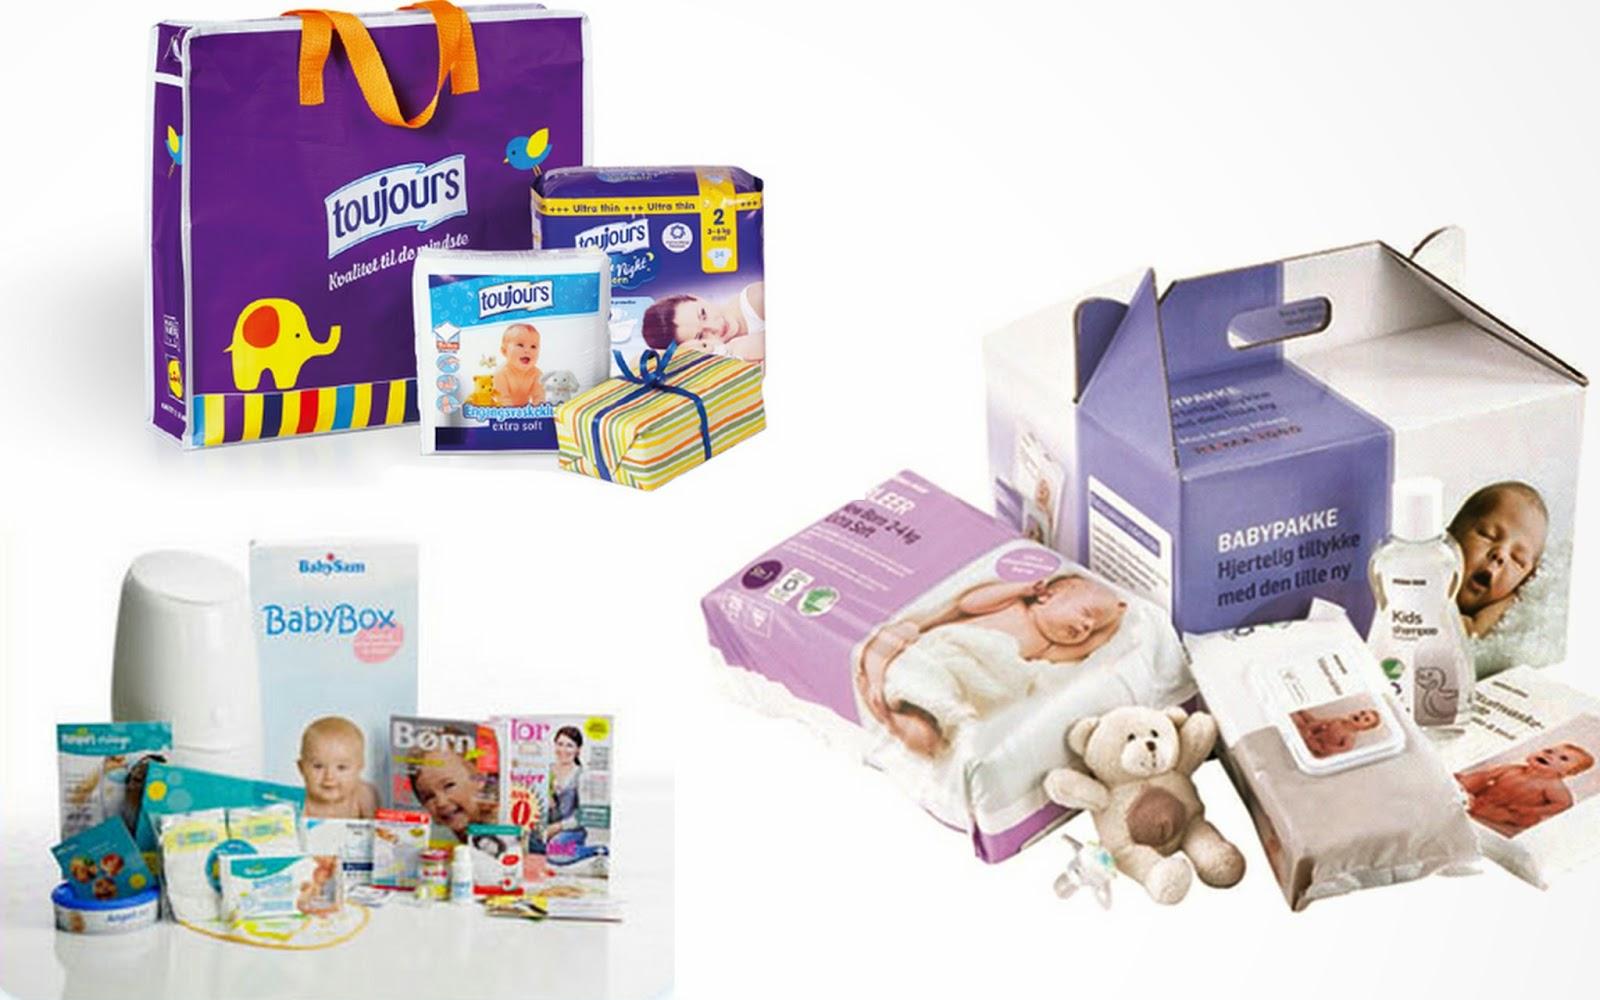 aa294684a Få gratis babypakker